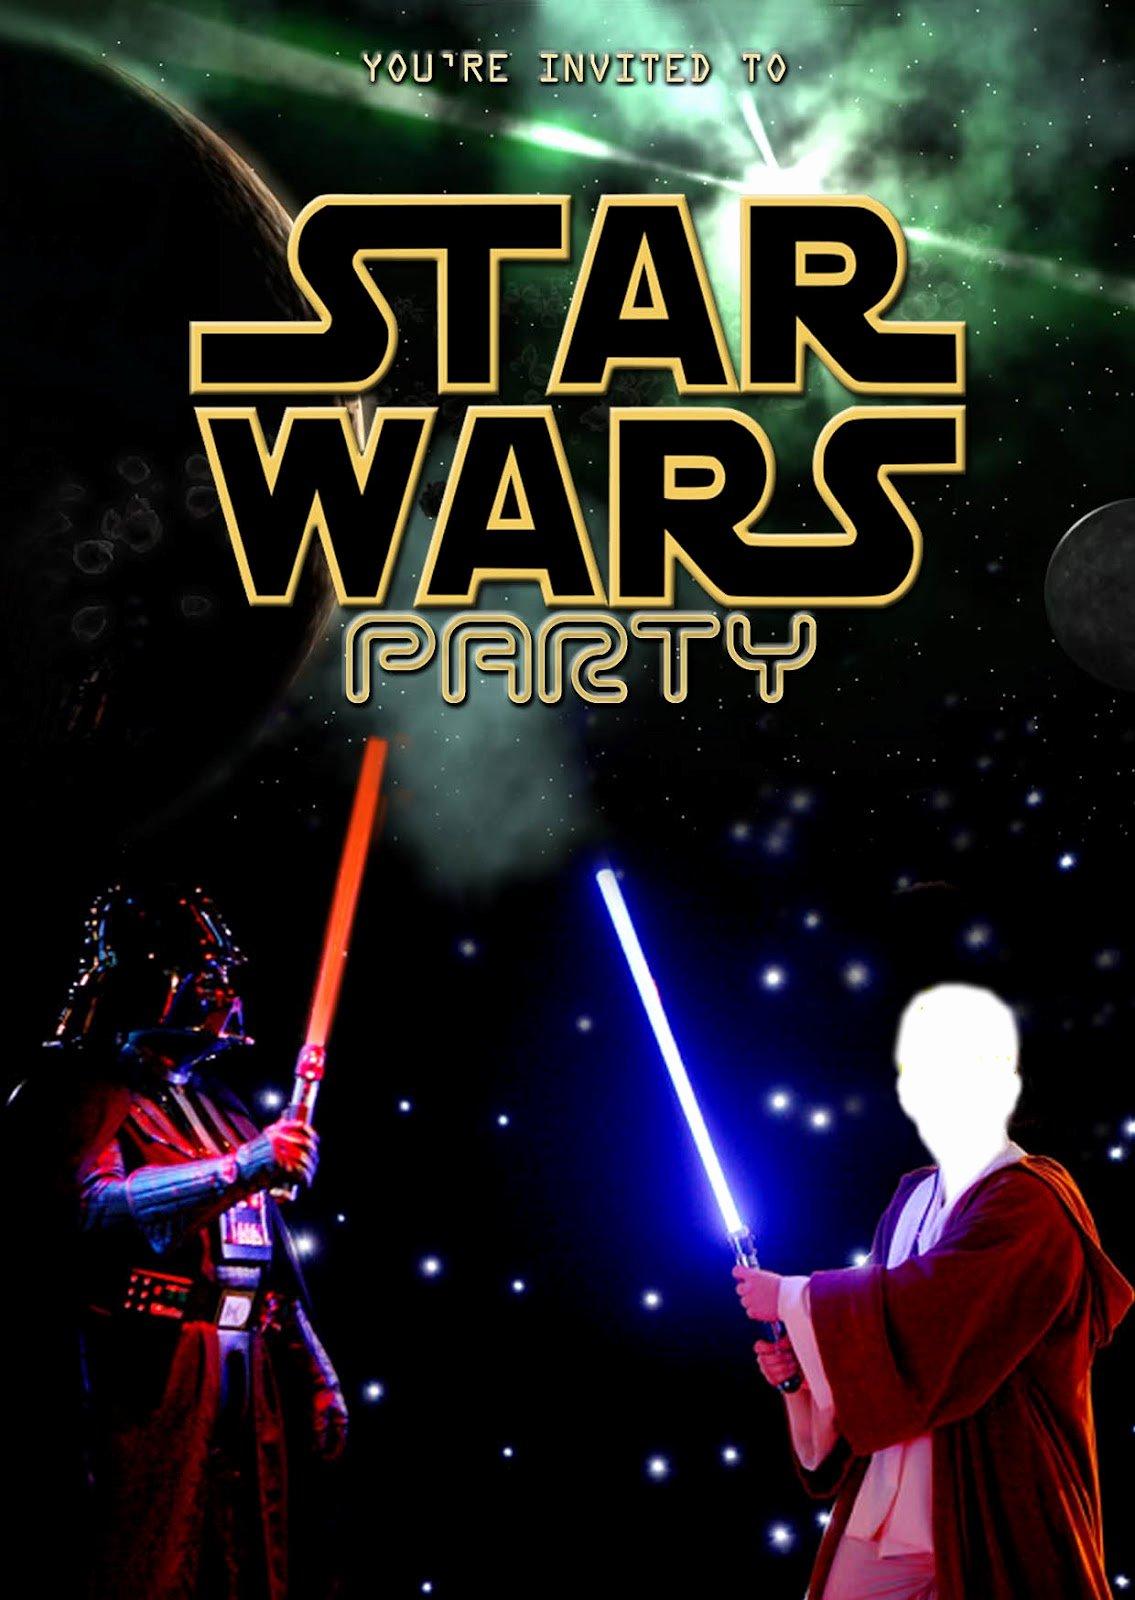 Star Wars Invitations Template Elegant Free Kids Party Invitations Star Wars Party Invitation